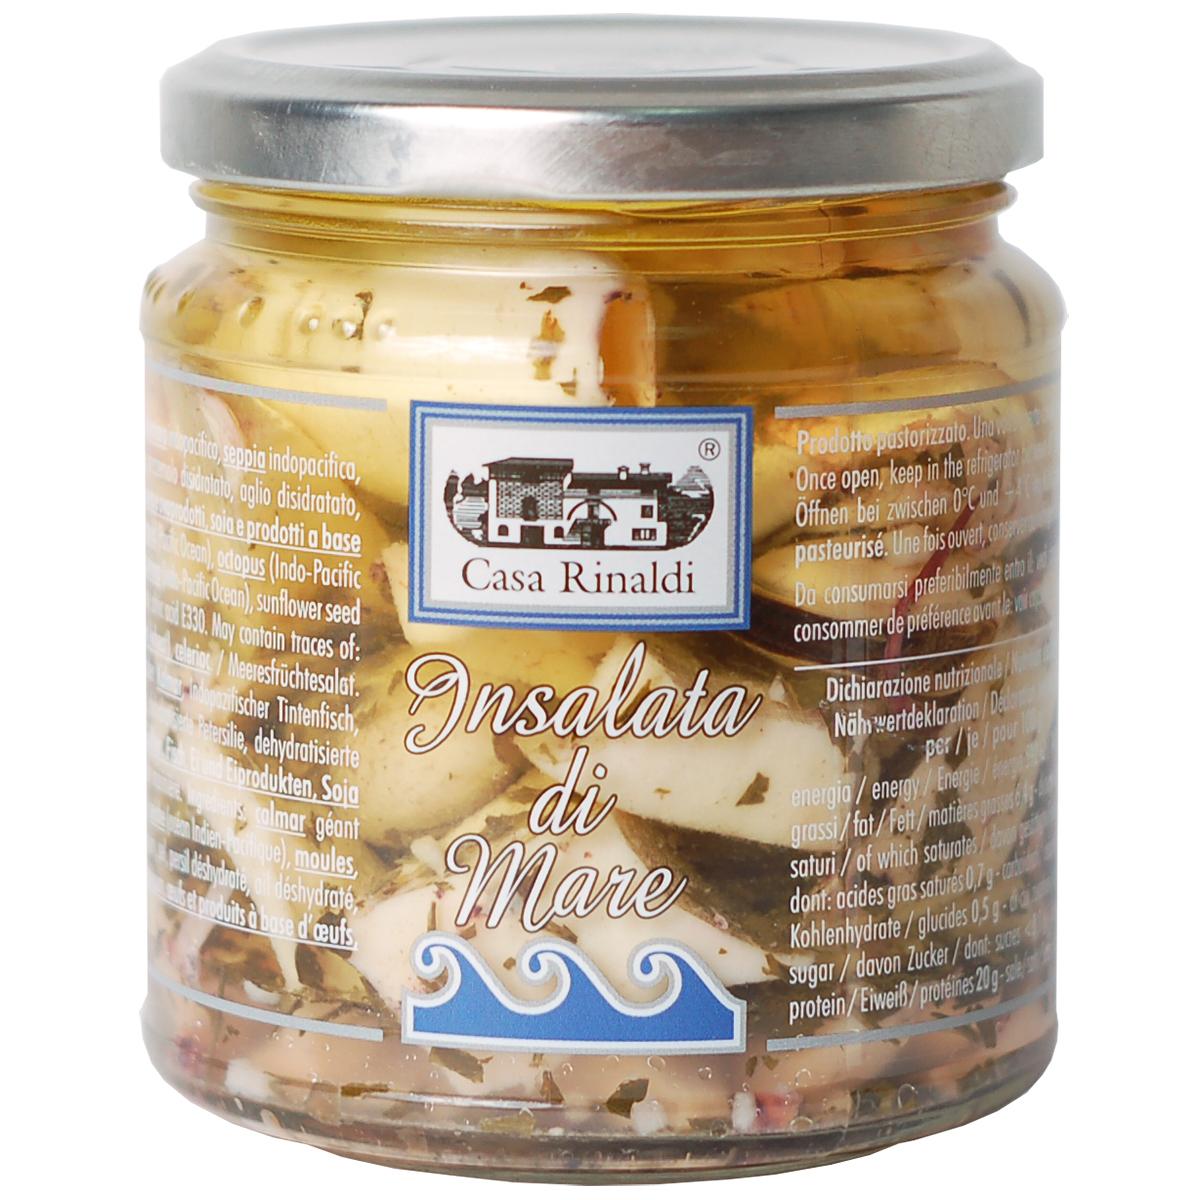 Салат из морепродуктов Casa Rinaldi 280г